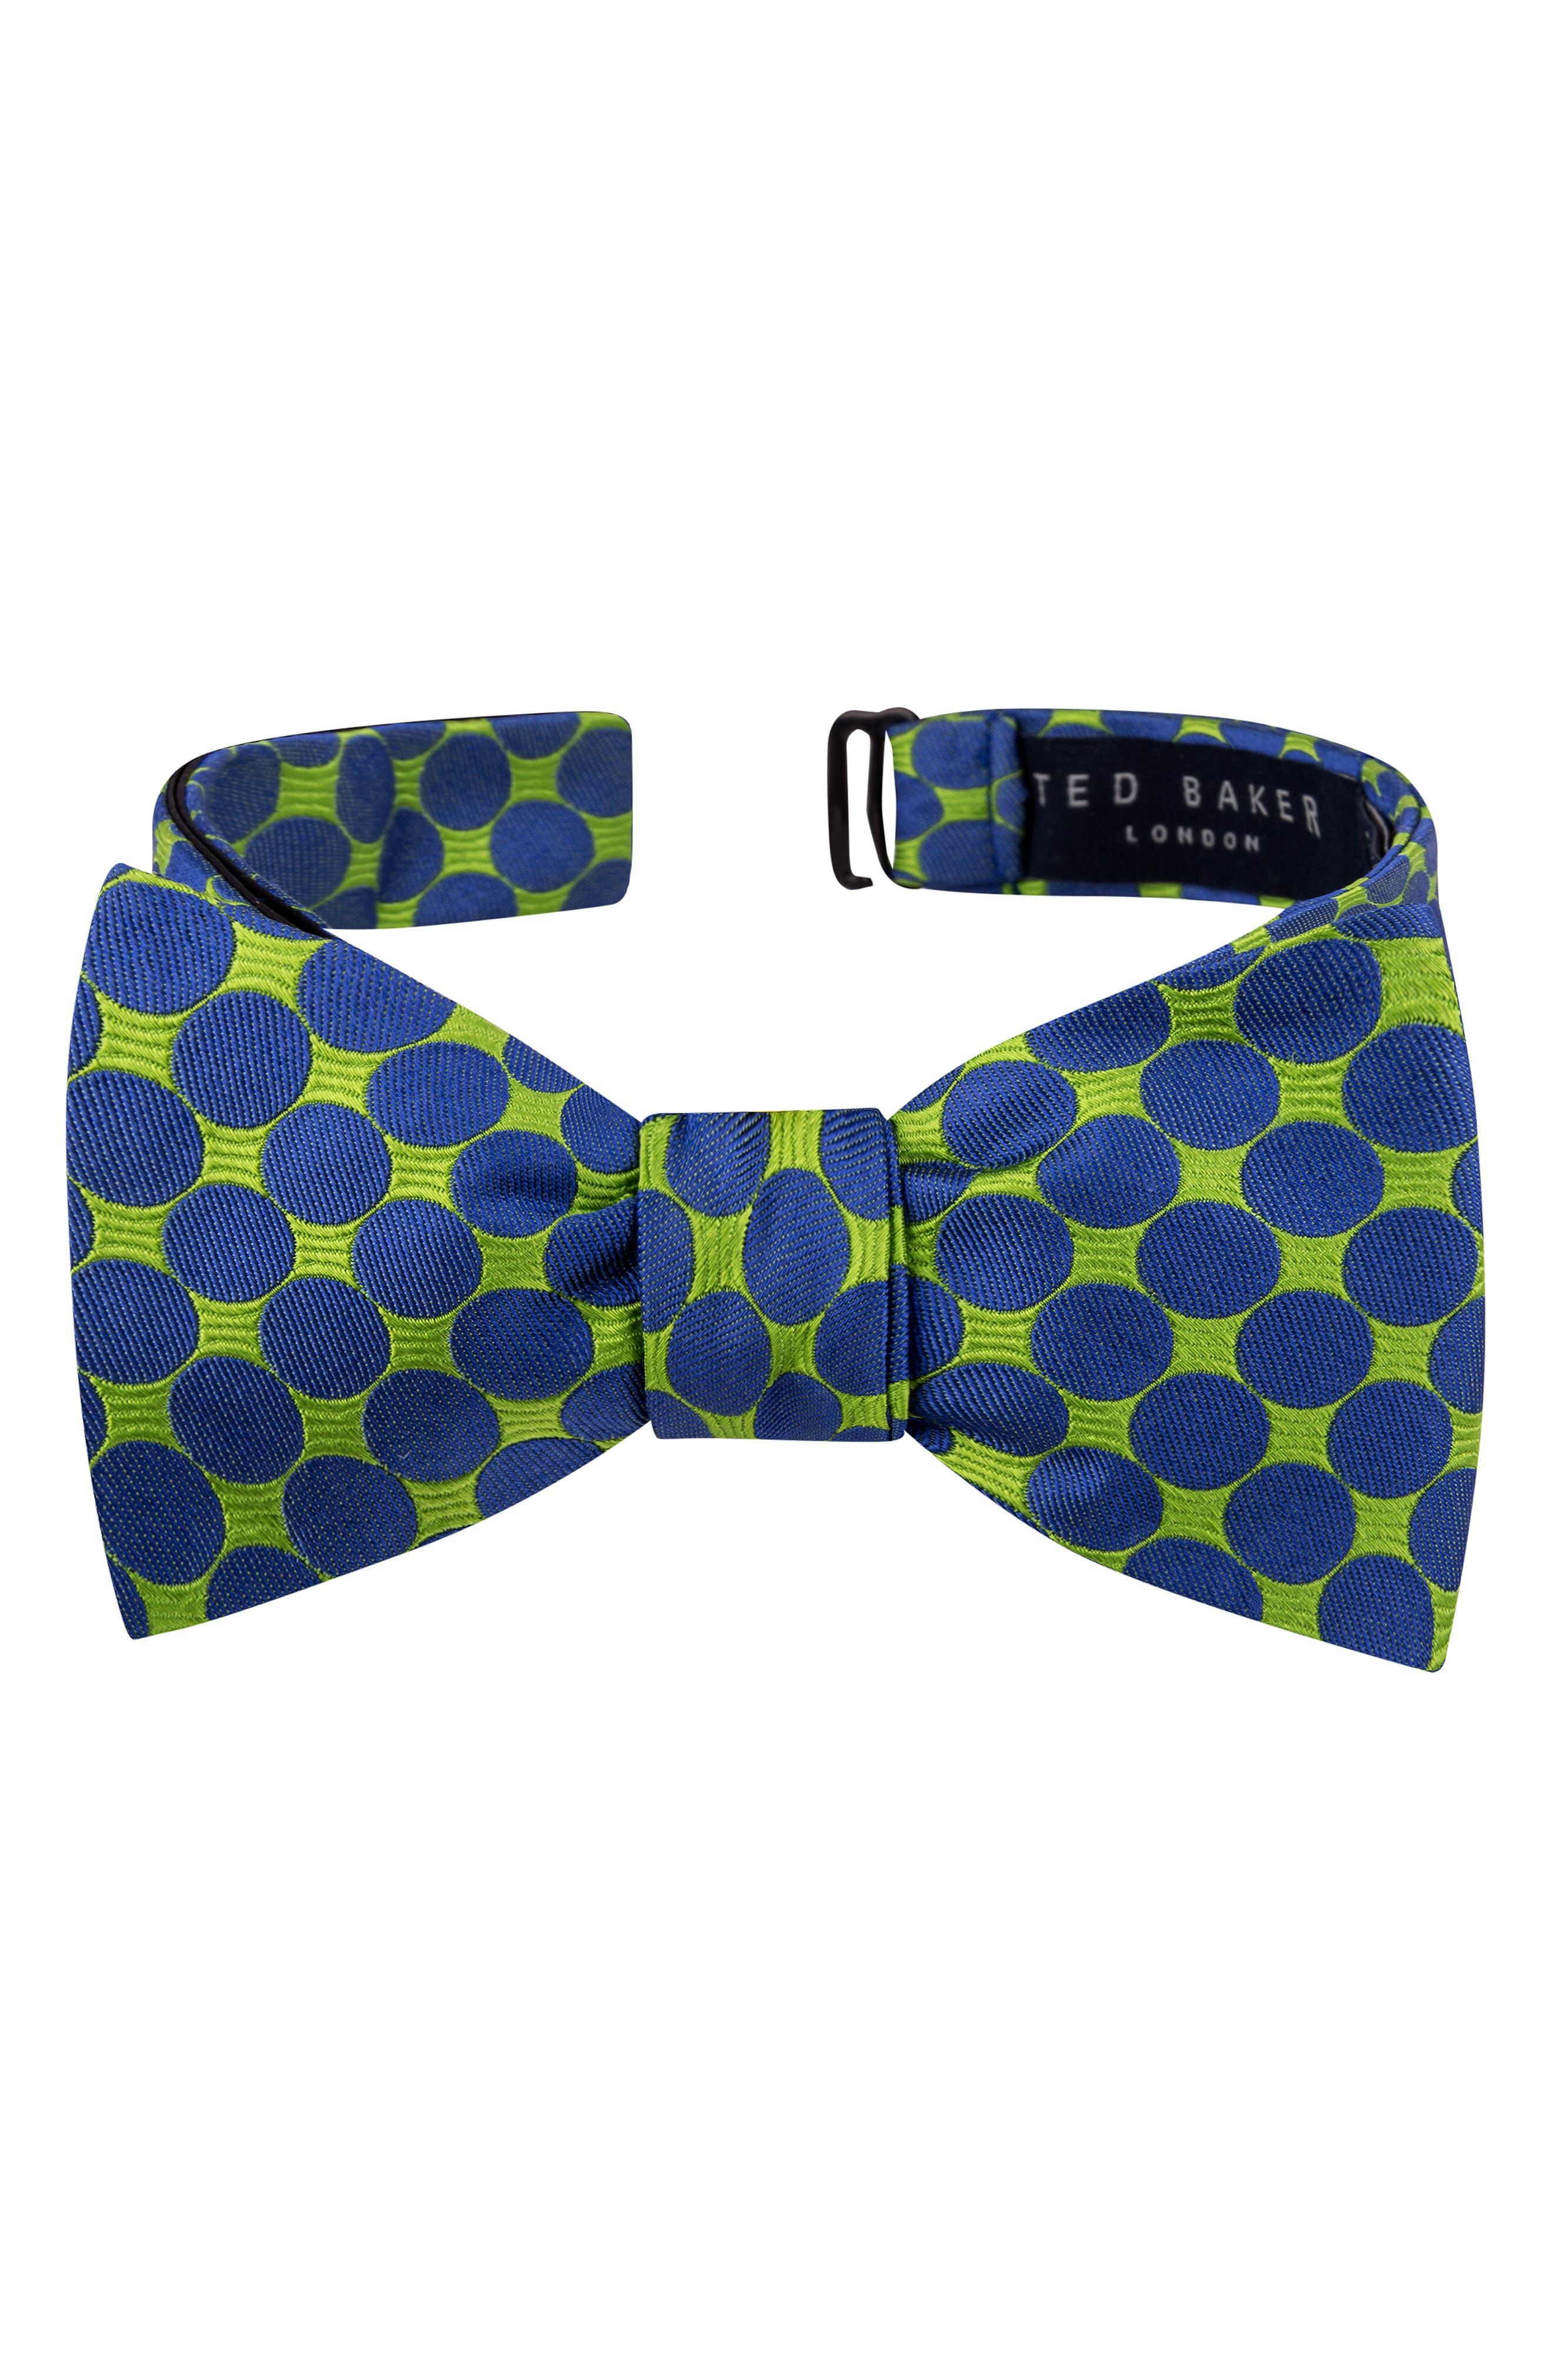 1960s – 70s Men's Ties | Skinny Ties, Slim Ties Mens Ted Baker London Circles Silk Bow Tie Size Regular - Green $59.50 AT vintagedancer.com